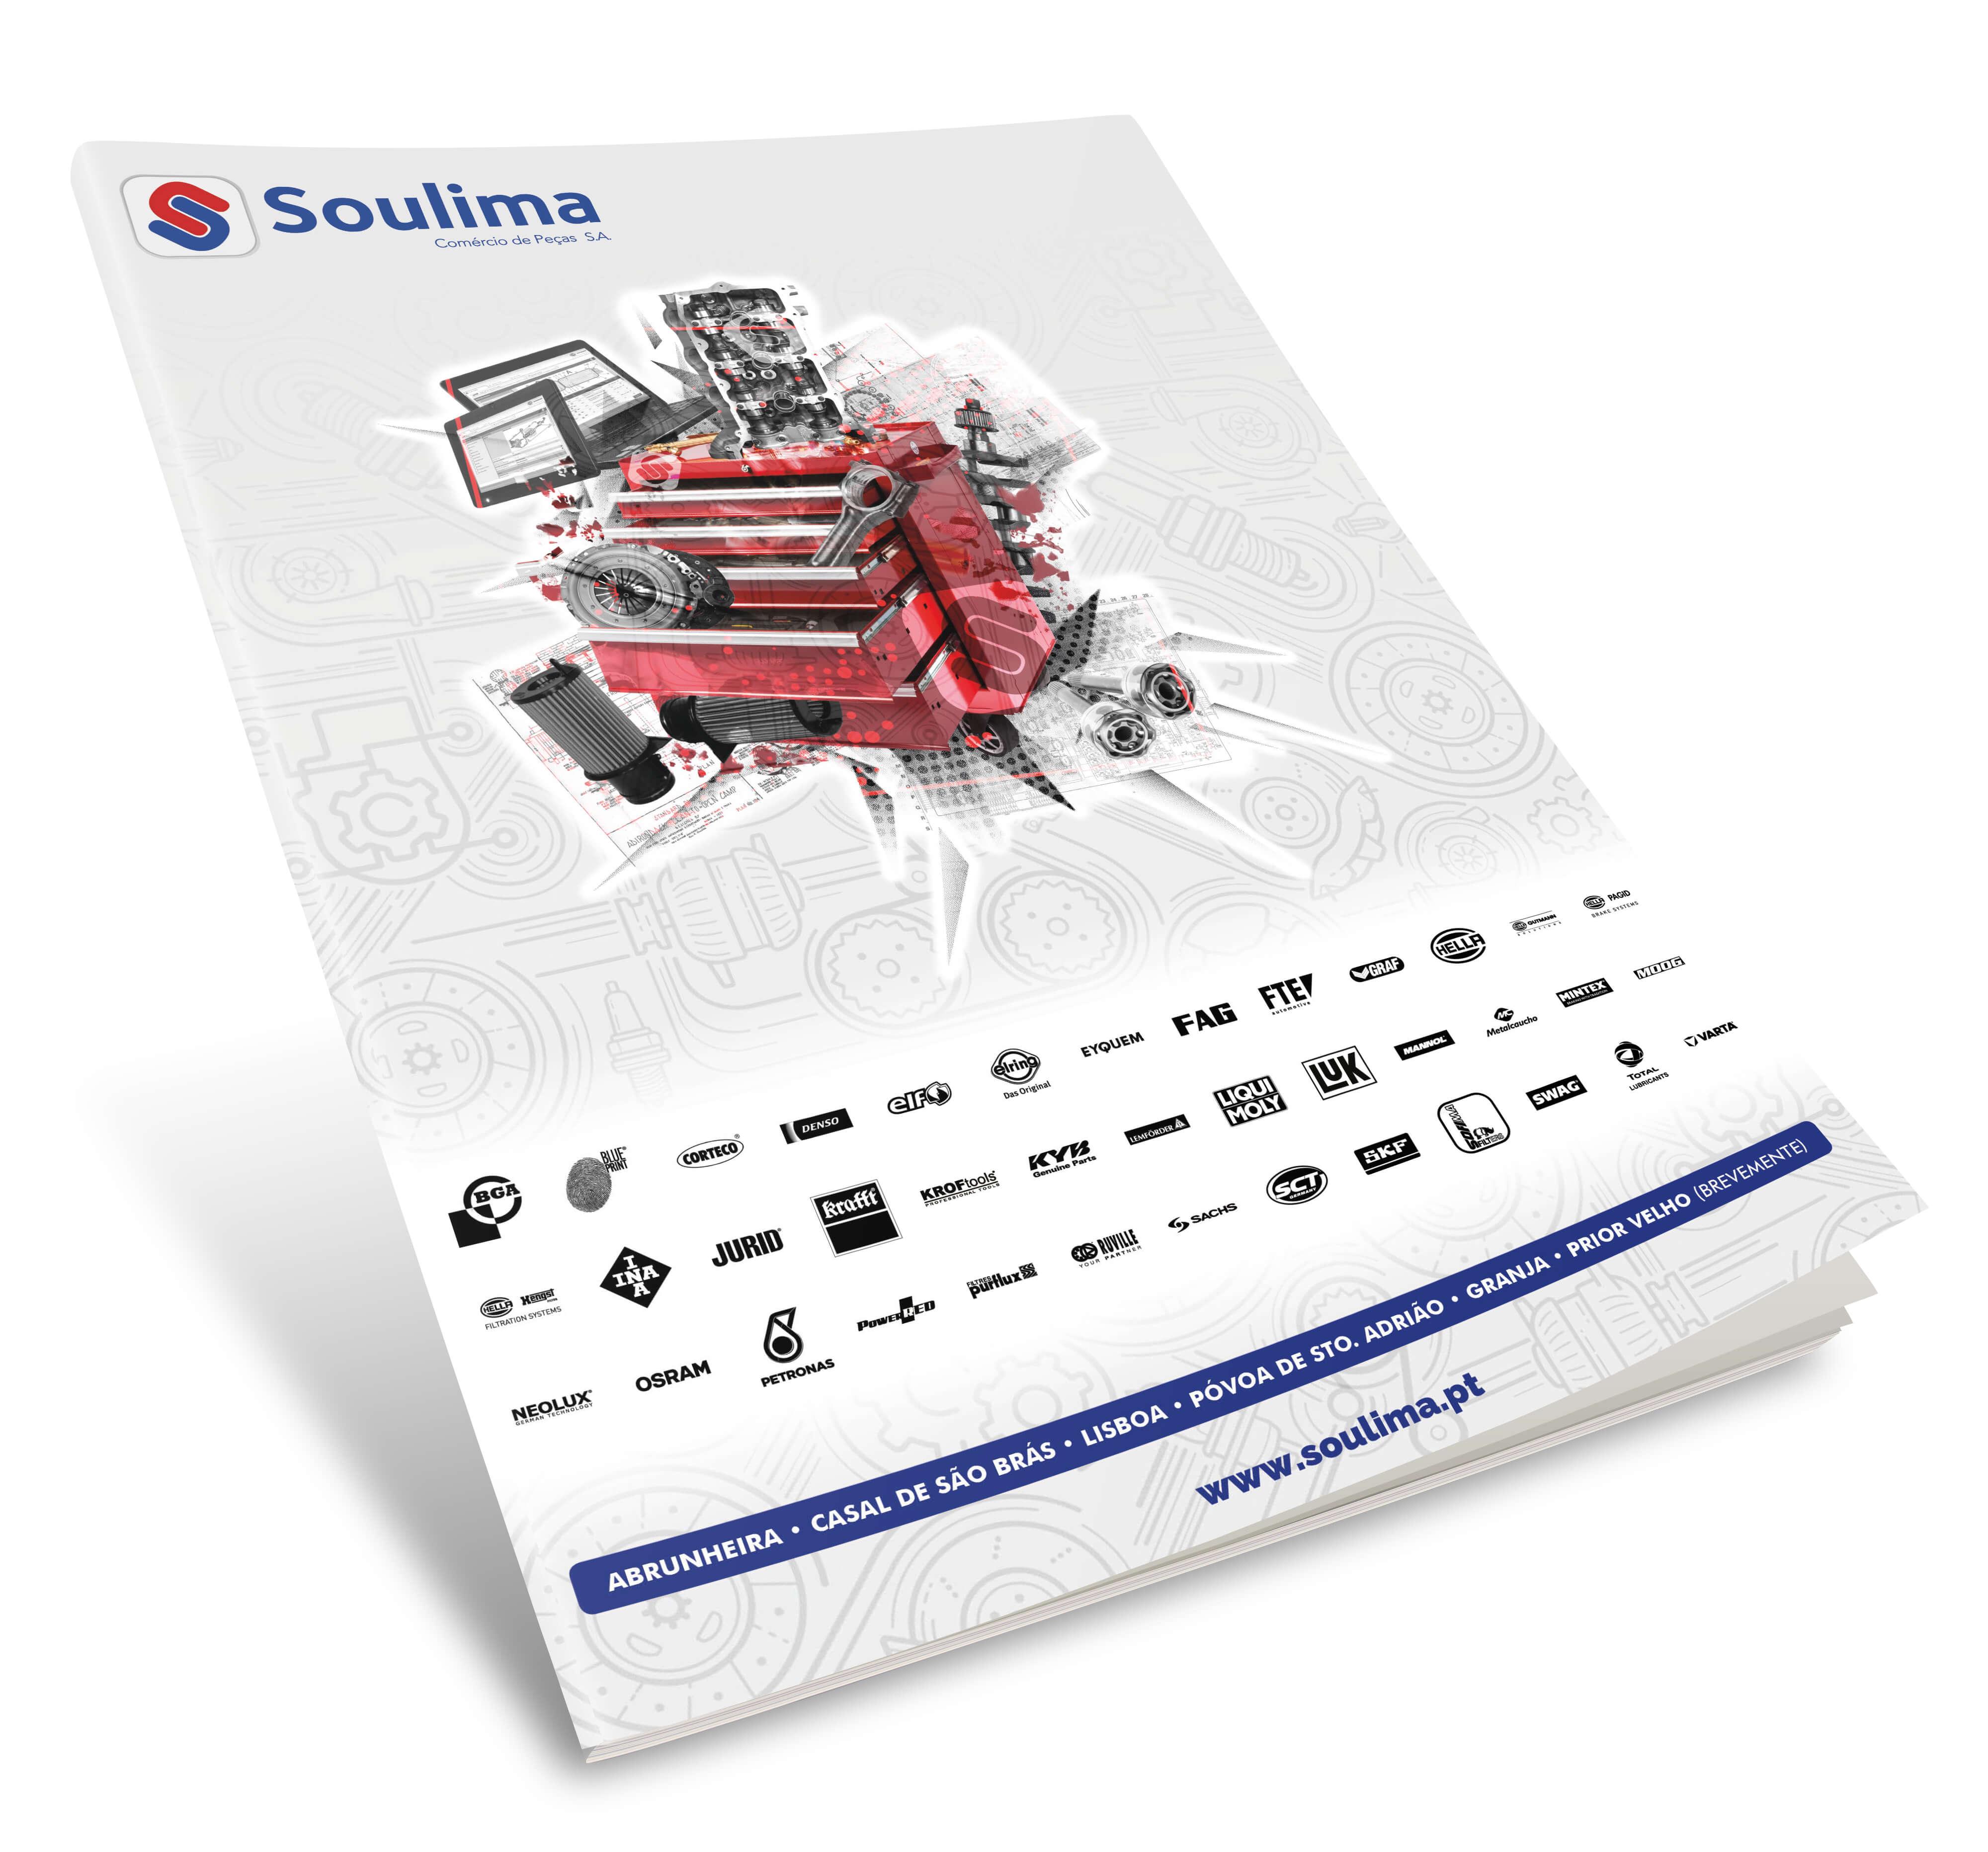 Soulima - Comércio de Peças - Mockup Brochure Soulima - Cover | Luis Serra Freelancer